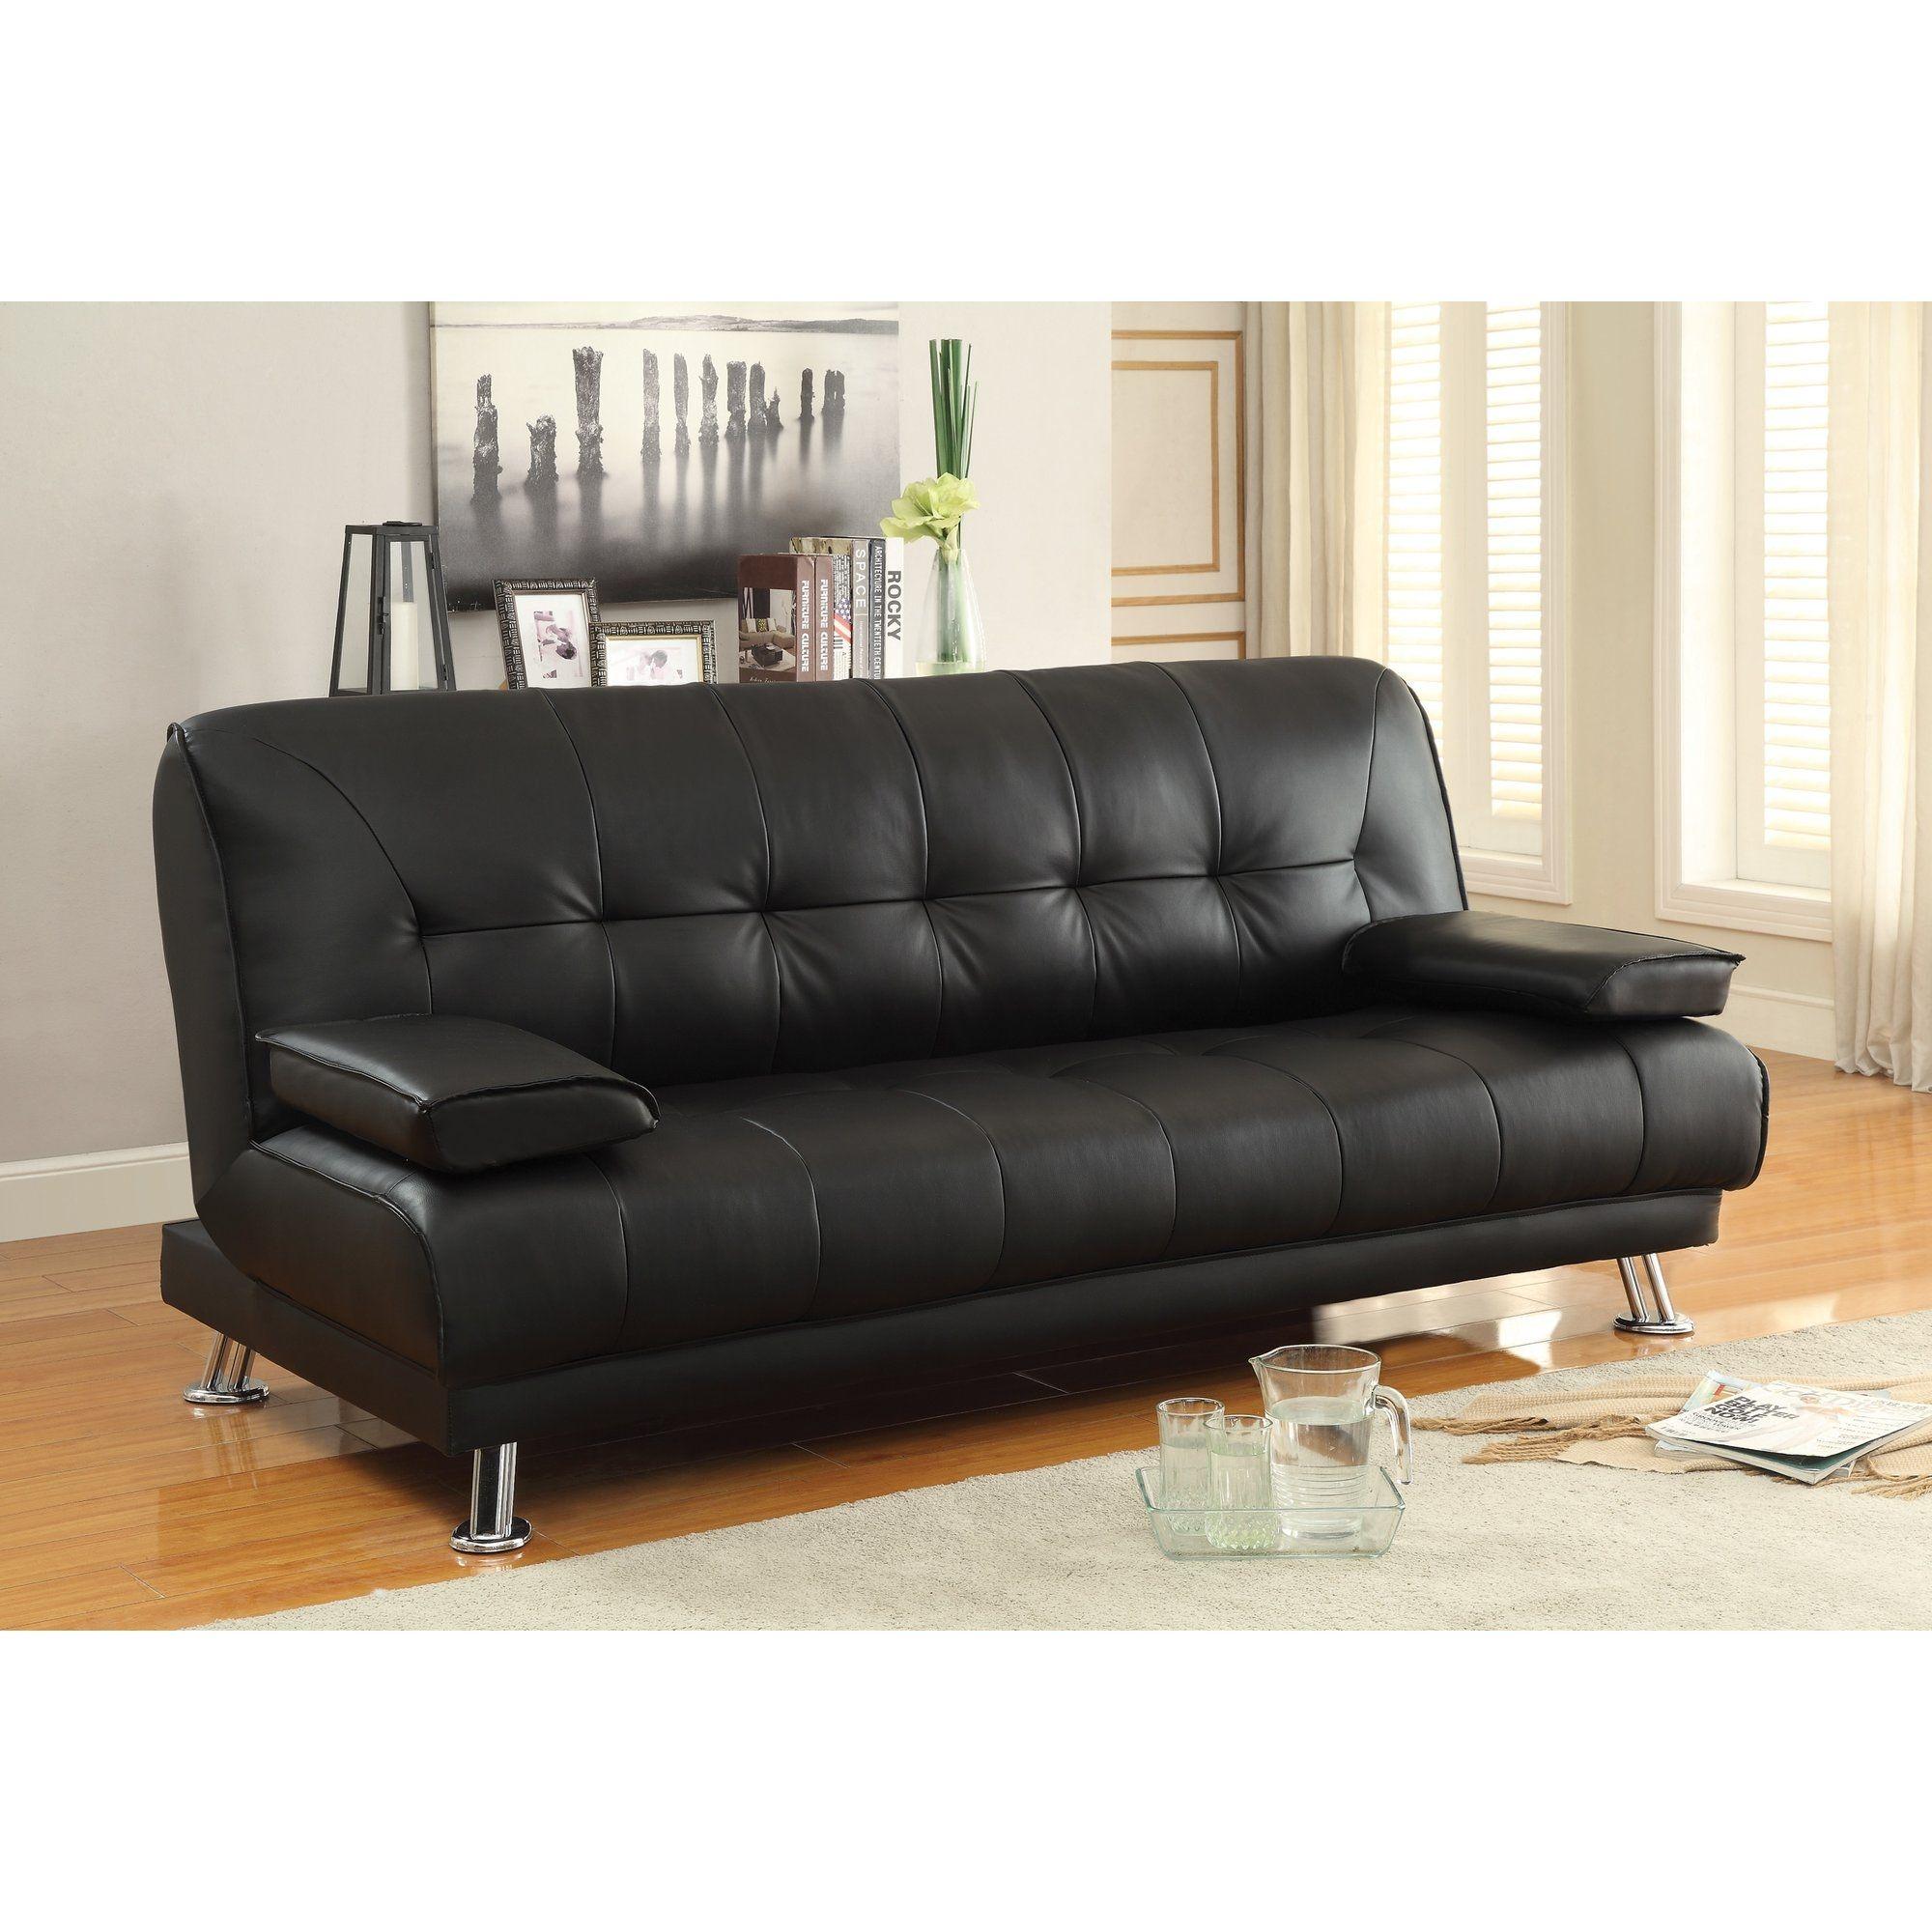 Ultralight comfort studio sleeper sofa tmidb